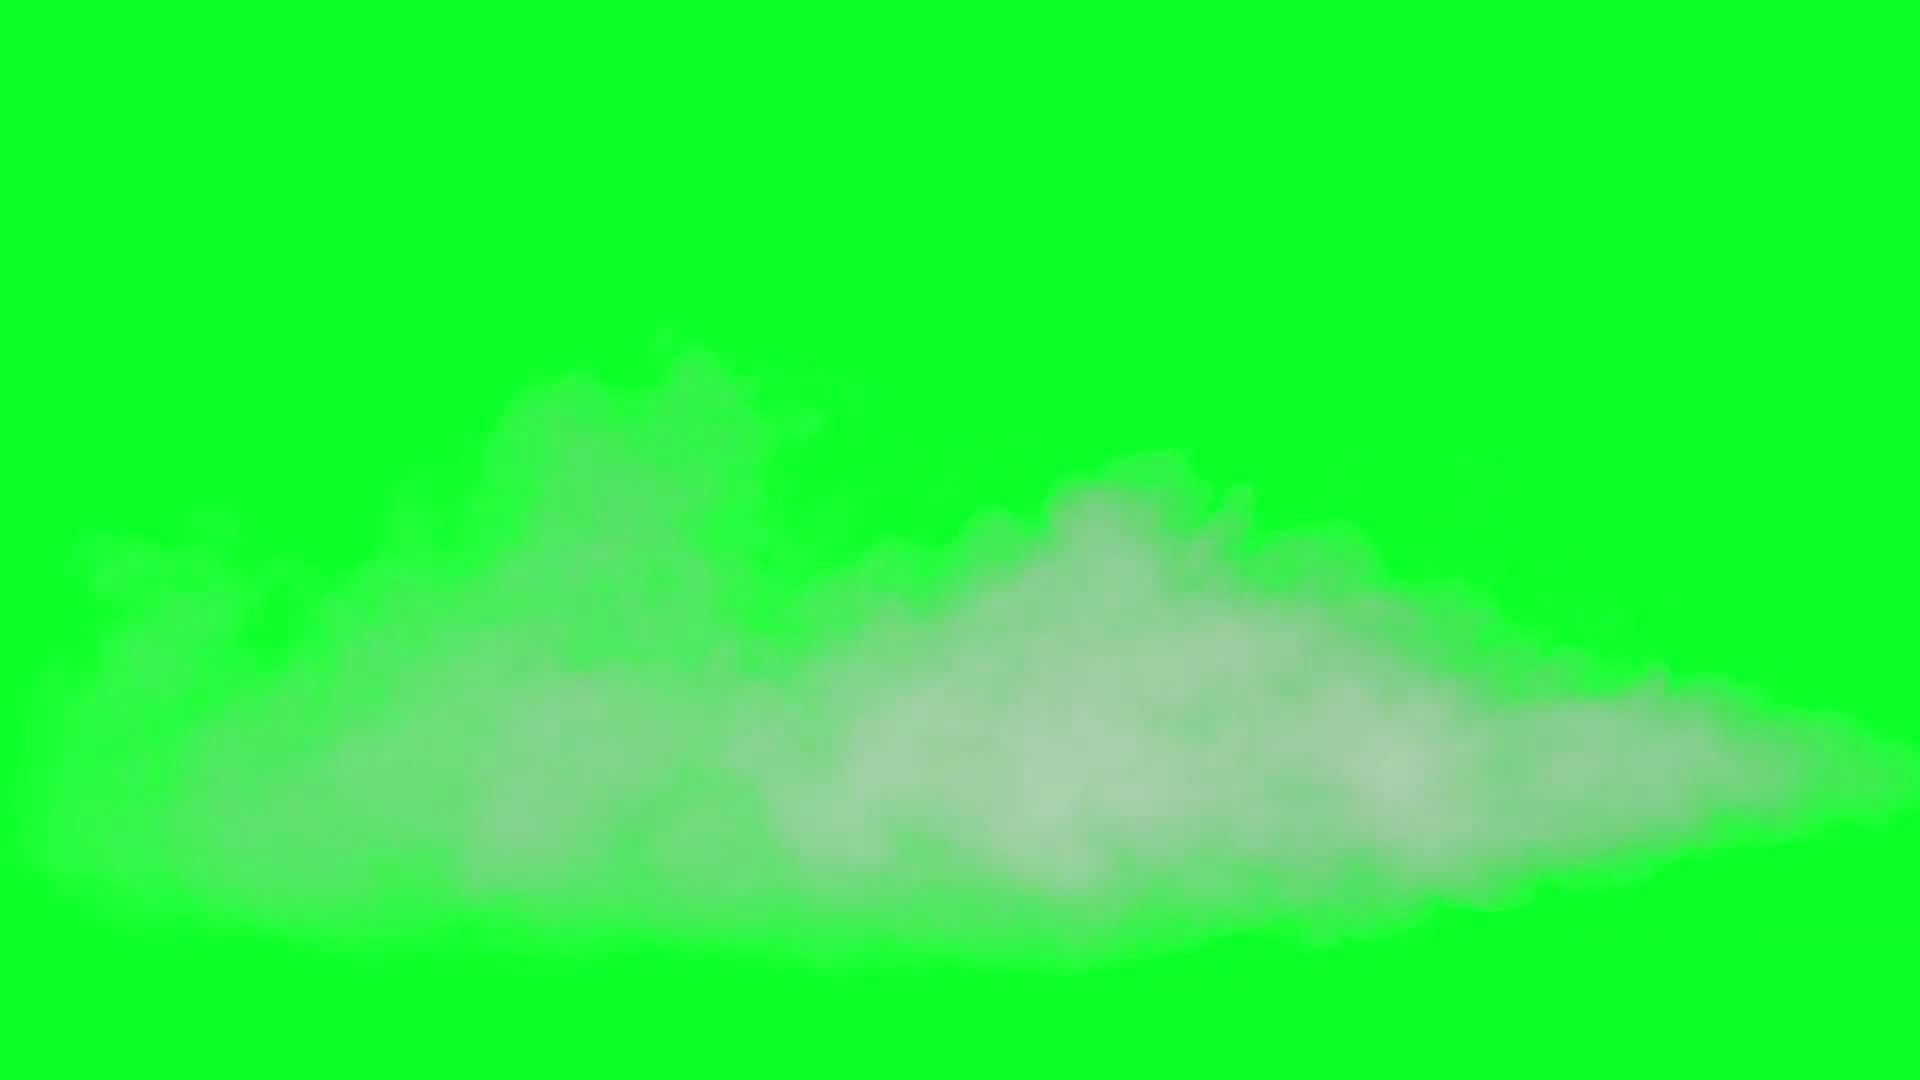 绿屏抠像舞台干冰烟雾.jpg